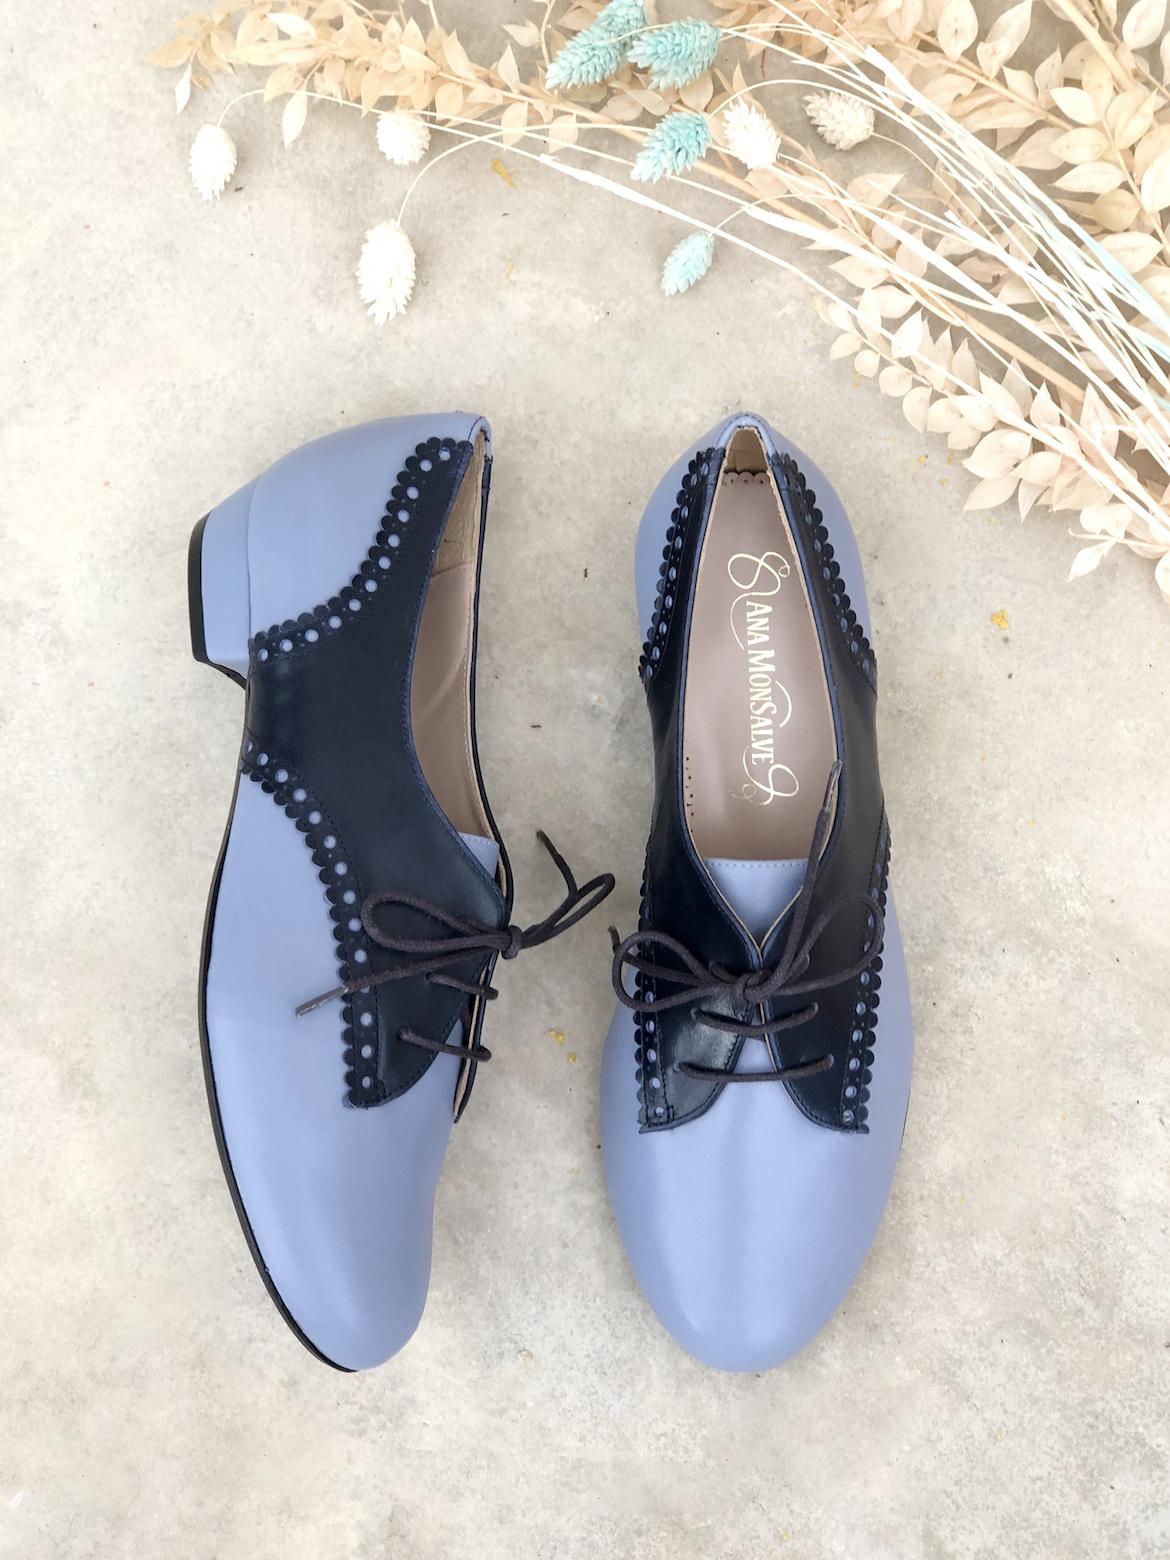 Cálsico zapatos en azul lavanda